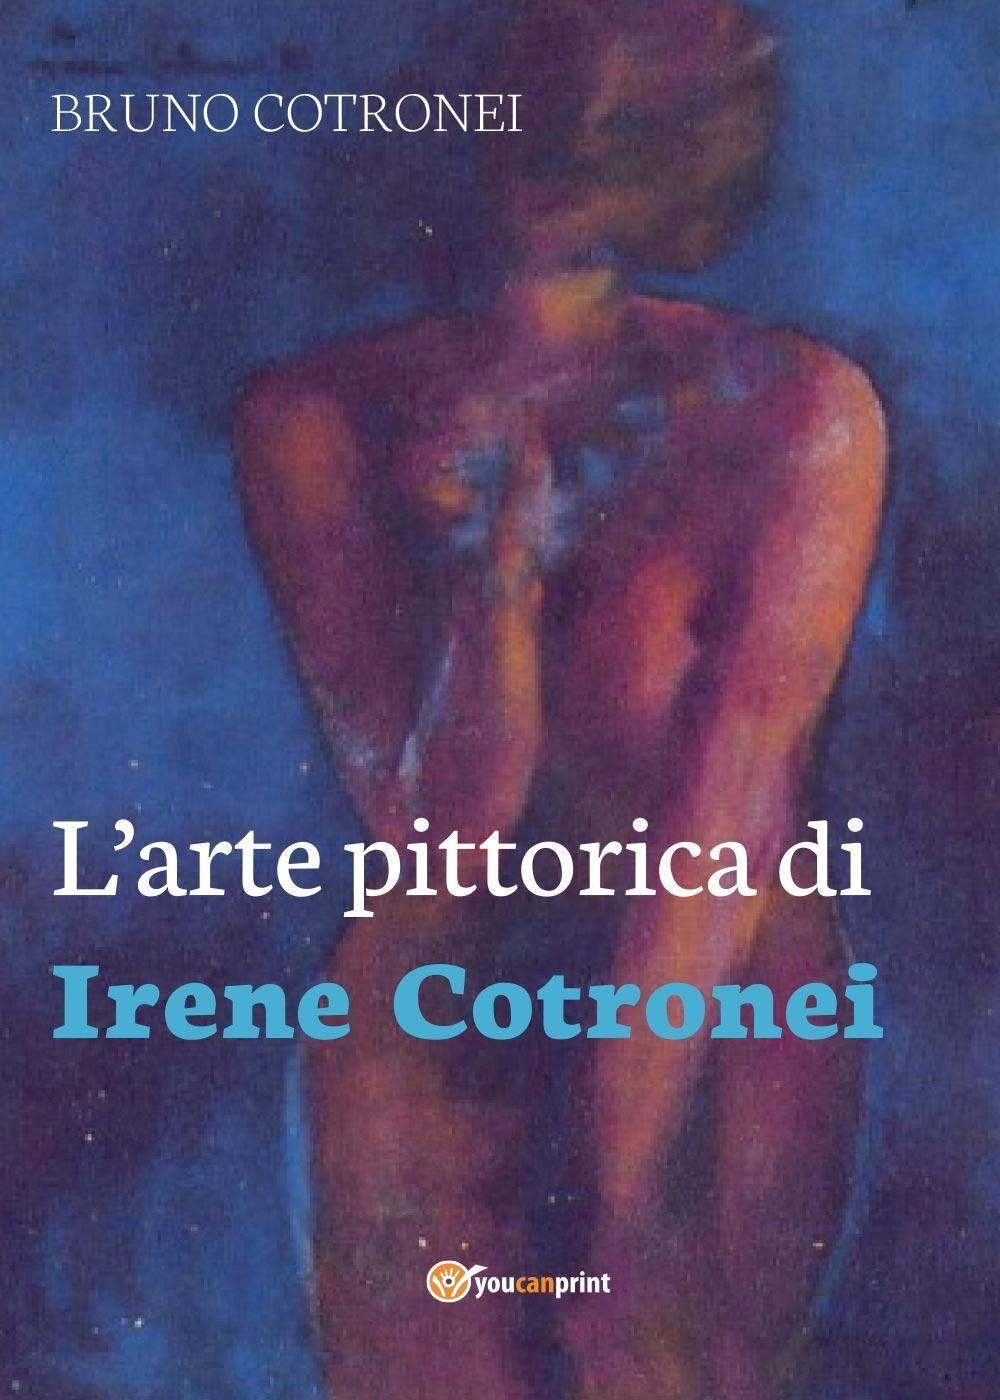 L' arte pittorica di Irene Cotronei